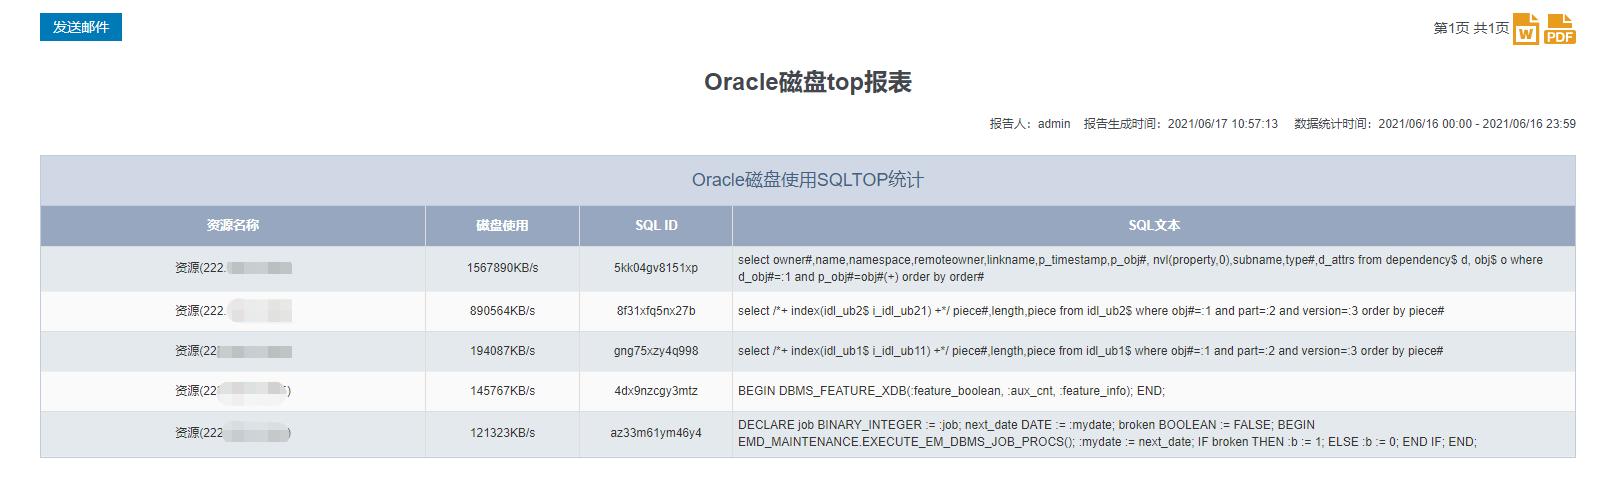 图表:ORACLE磁盘使用SQL TOP指标